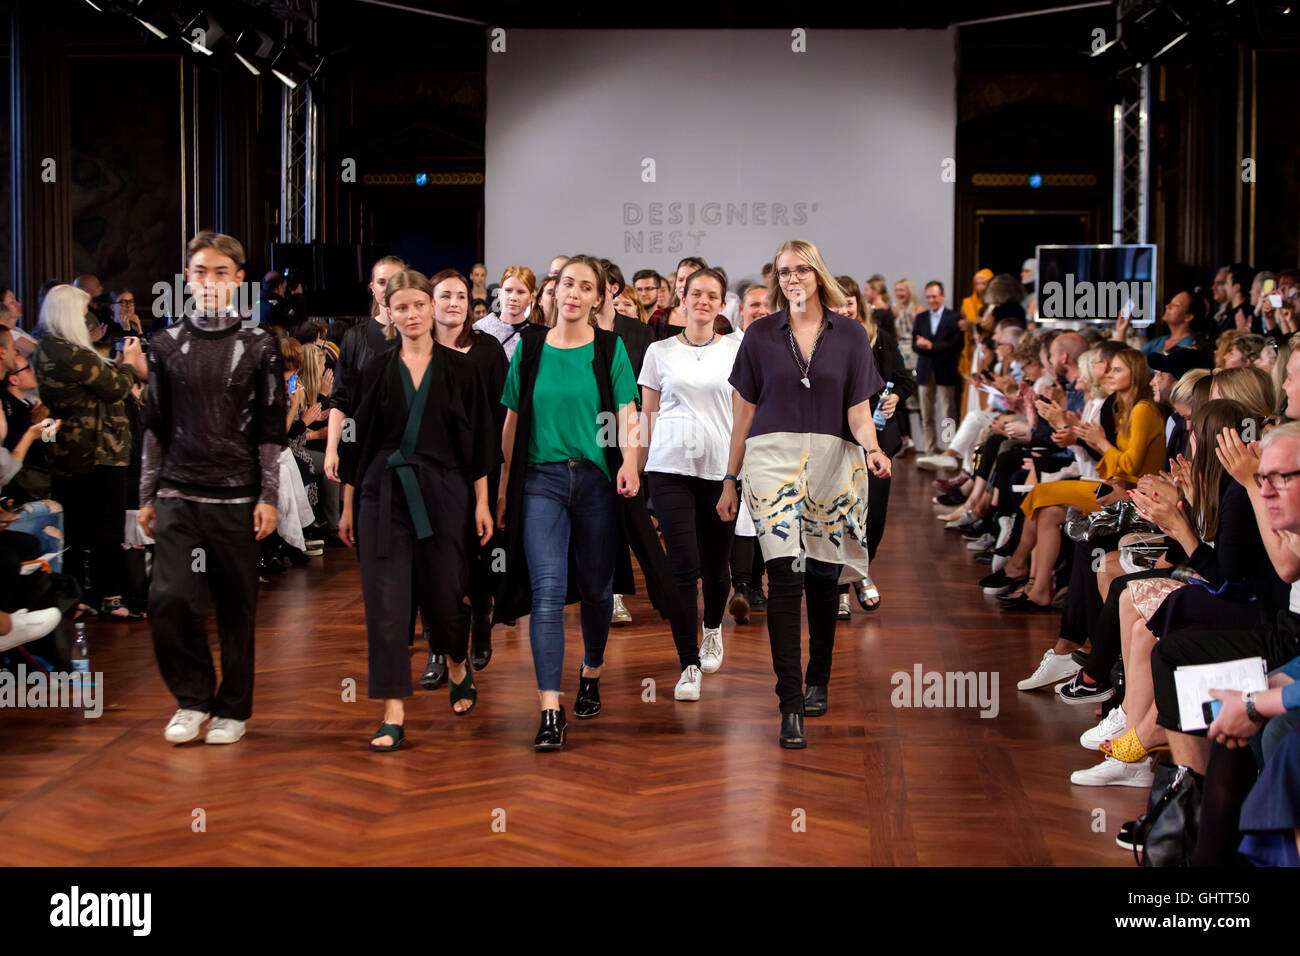 Kopenhagen, Dänemark, 10. August 2016:: Designer und Modelle auf dem Laufsteg während der Designer Nest Stockbild